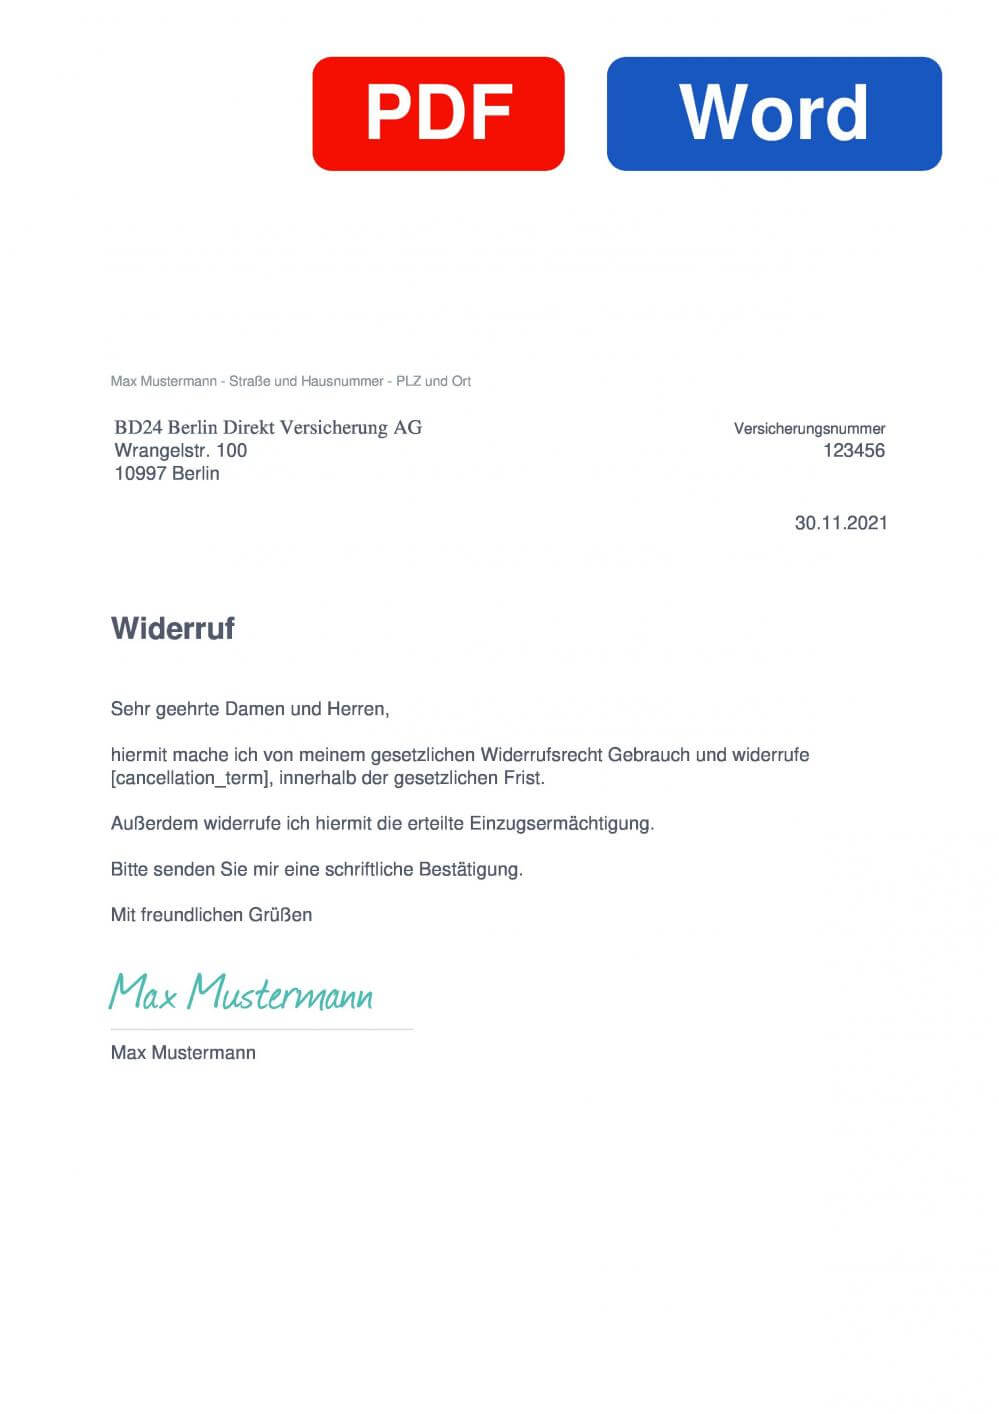 Berlin Direkt Versicherung Muster Vorlage für Wiederrufsschreiben